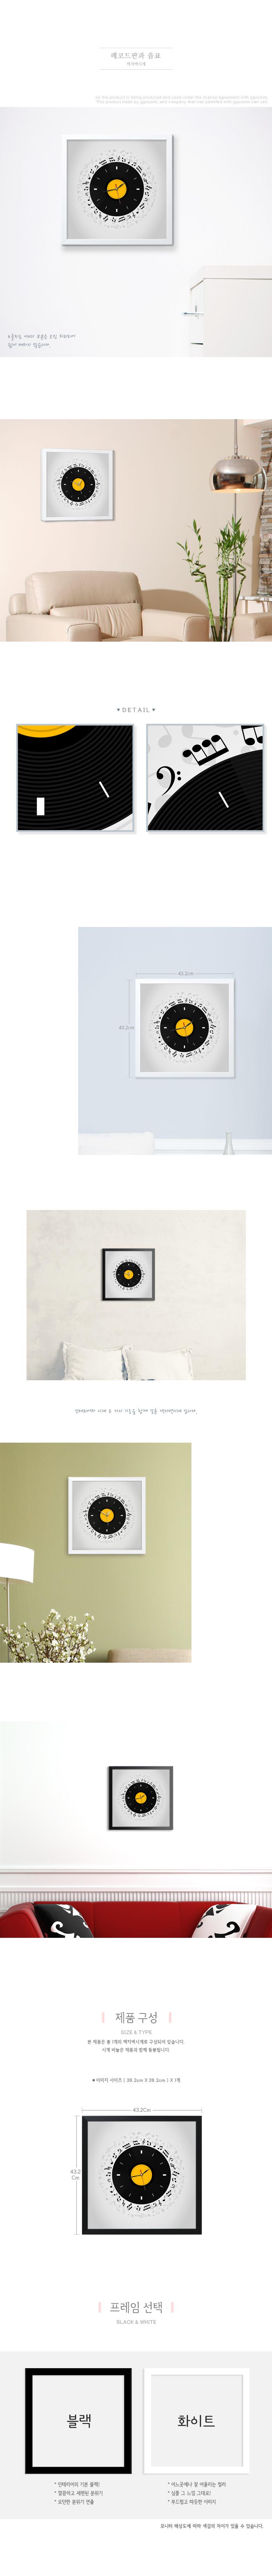 레코드판과음표_액자벽시계 - 꾸밈, 29,200원, 벽시계, 디자인벽시계